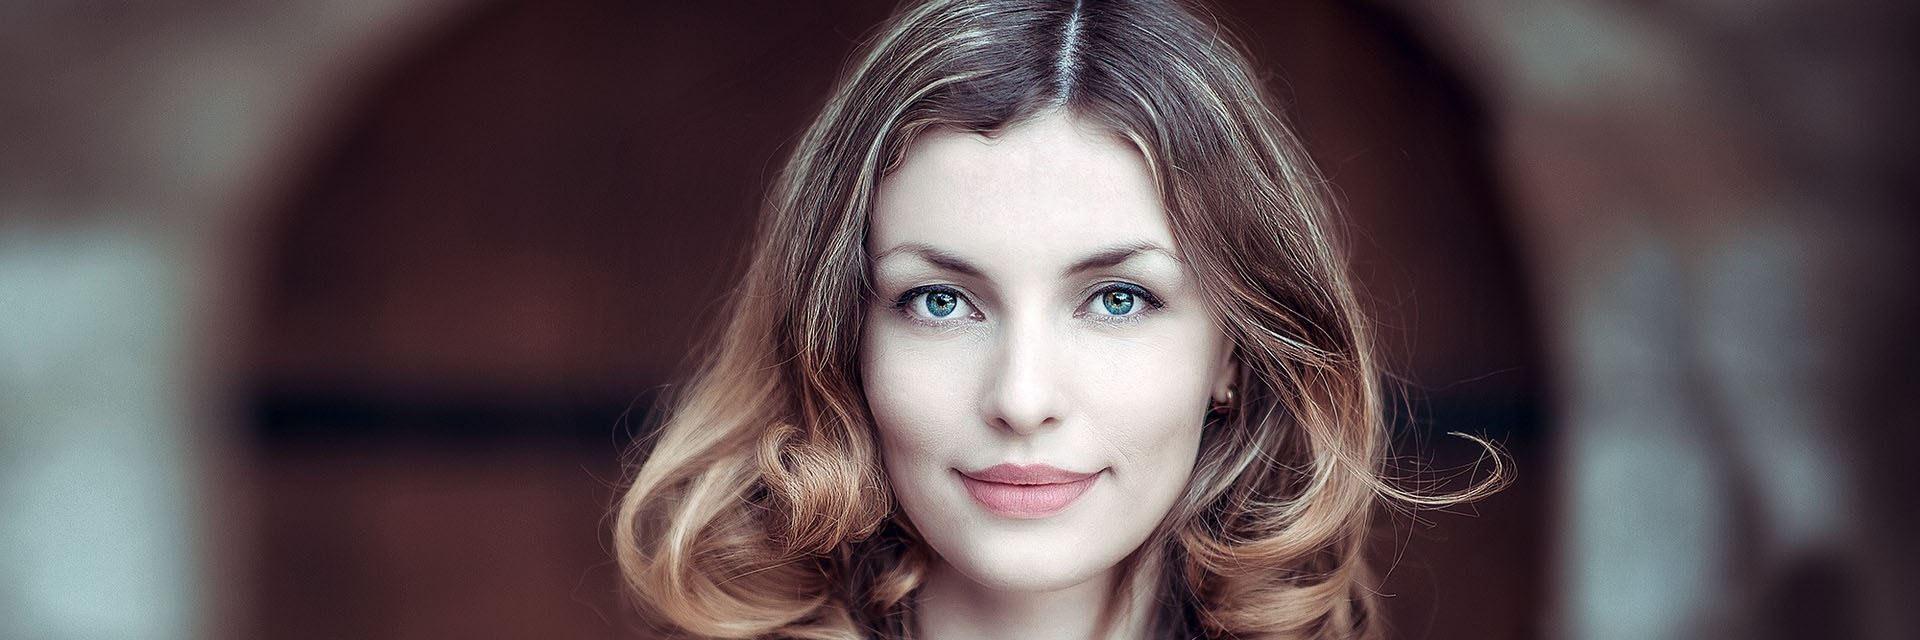 Piękna twarz kobiety - zbliżenie